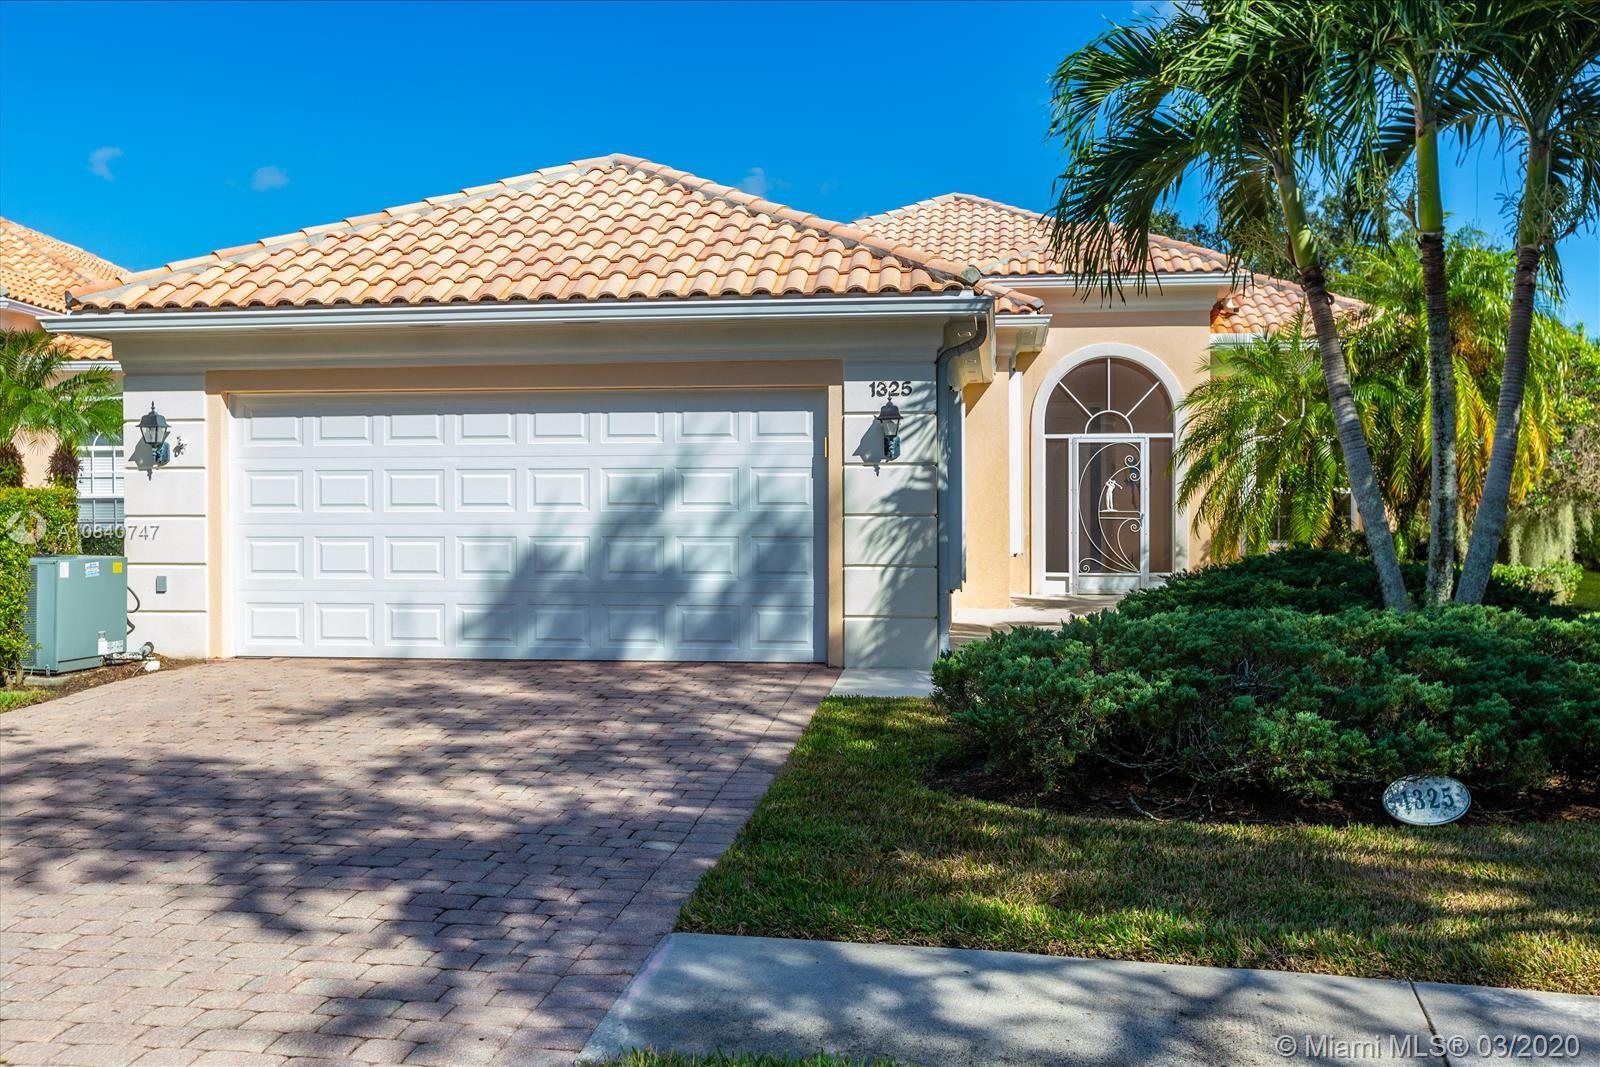 1325 SW Balmoral Tr, Stuart, FL 34997 - Stuart, FL real estate listing